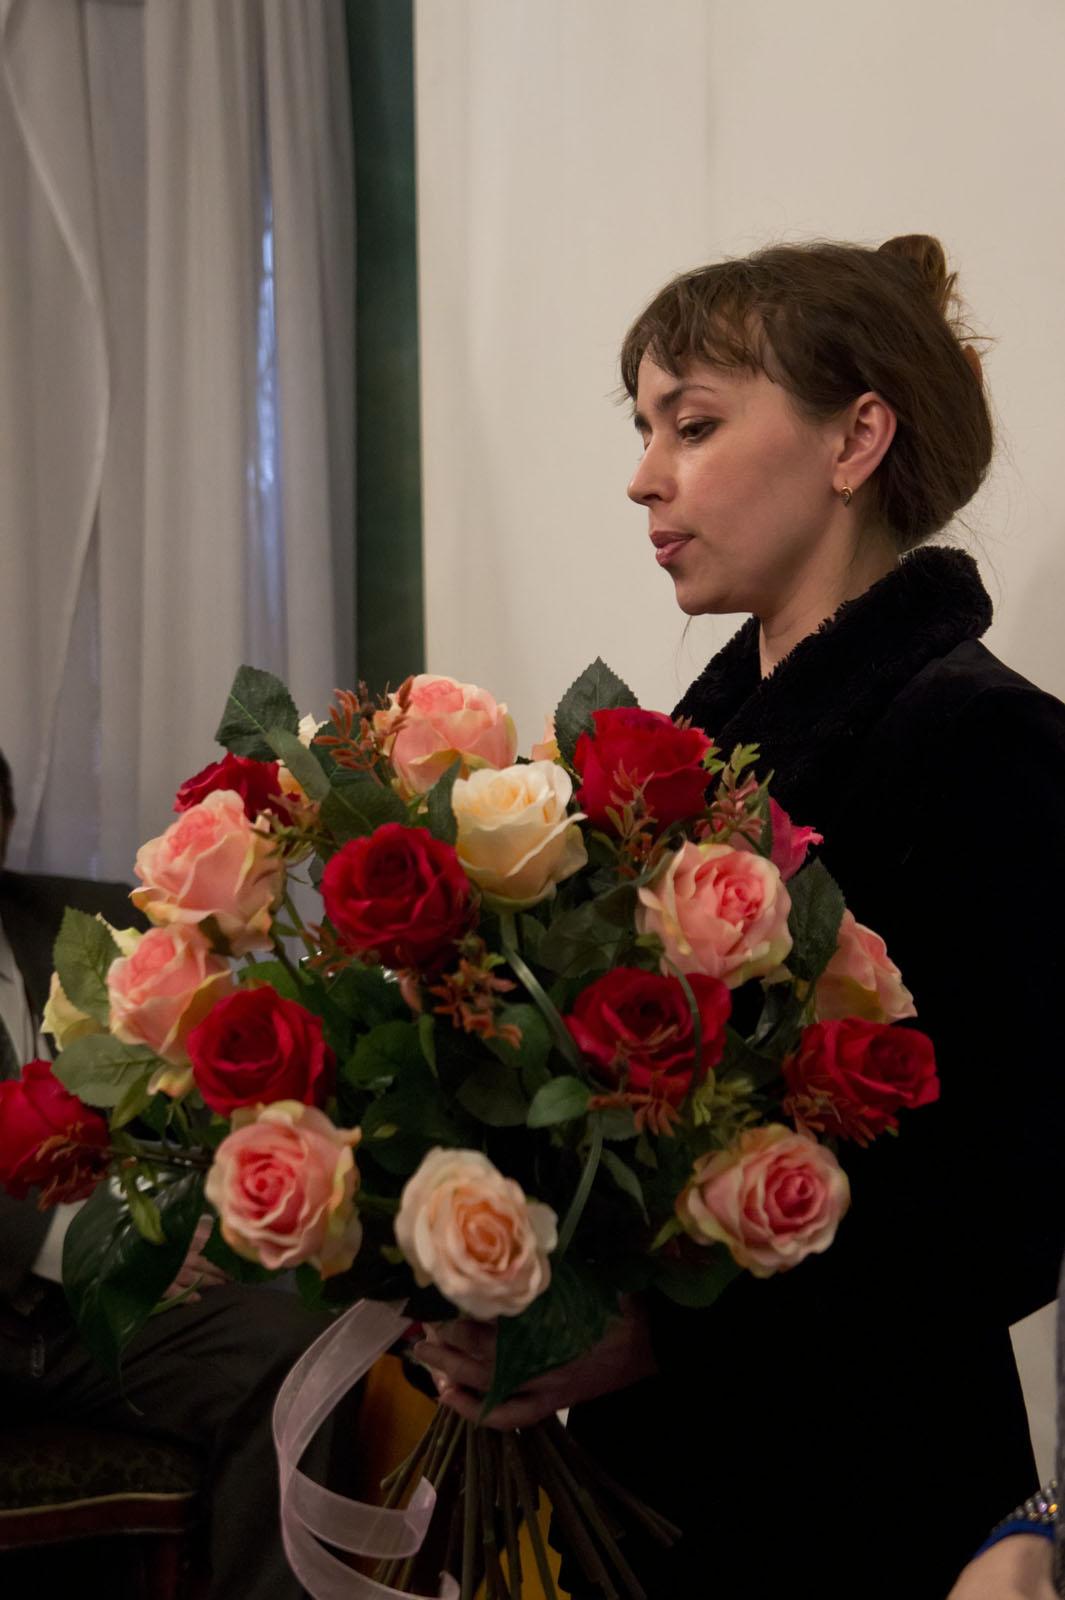 Фото №73603. Алсу Биктимерова, флорист, музыкант